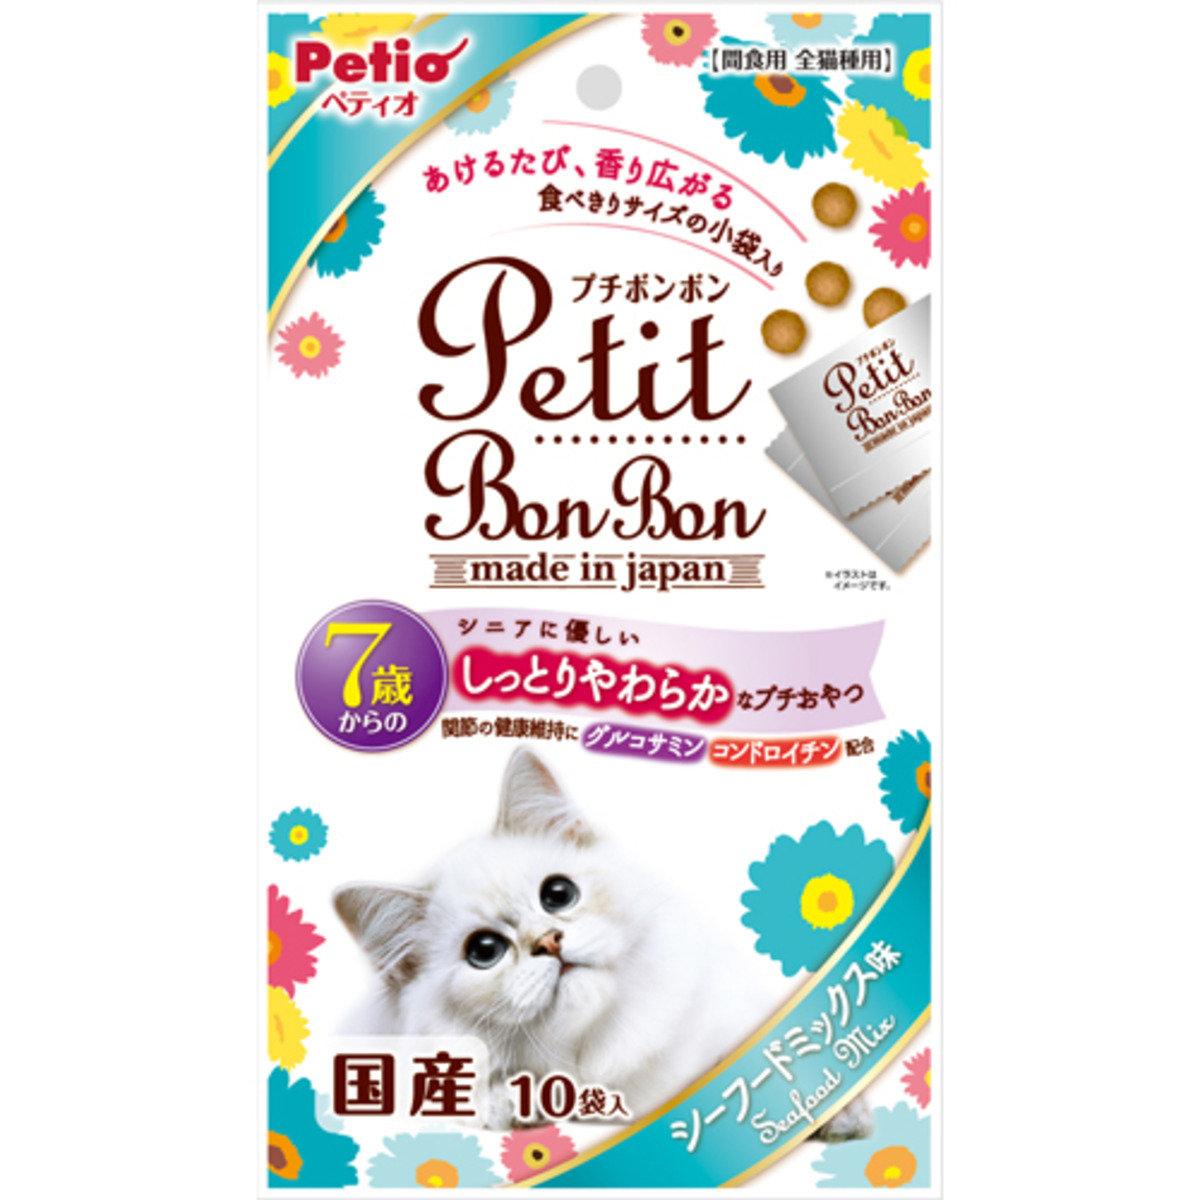 高齡貓小食雞肉粒(混合海鮮味)(W12867)(到期日:31/12/2016)